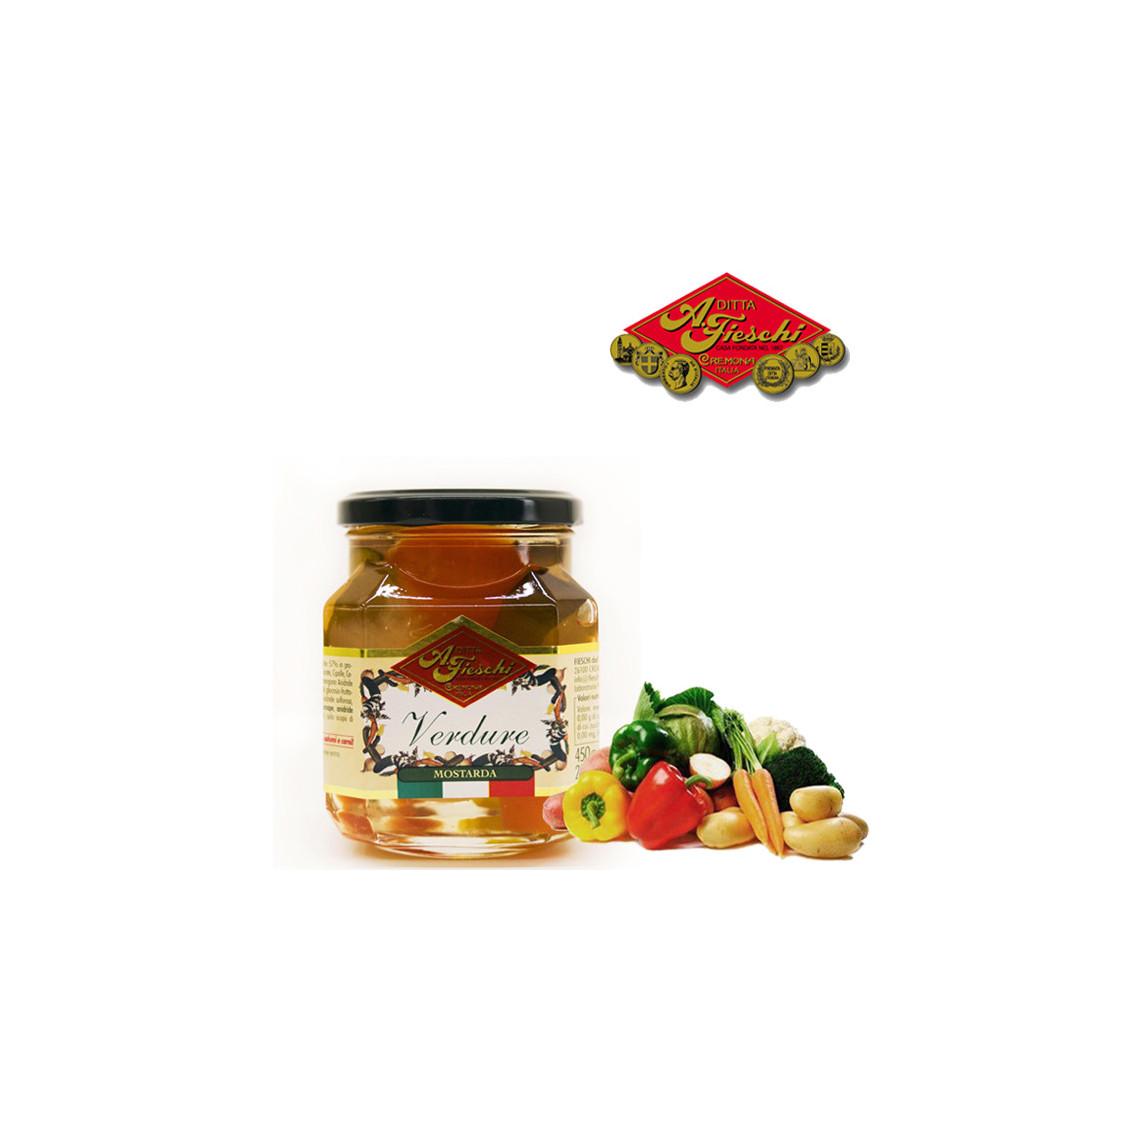 Mostarda FIESCHI di verdure 450gr.